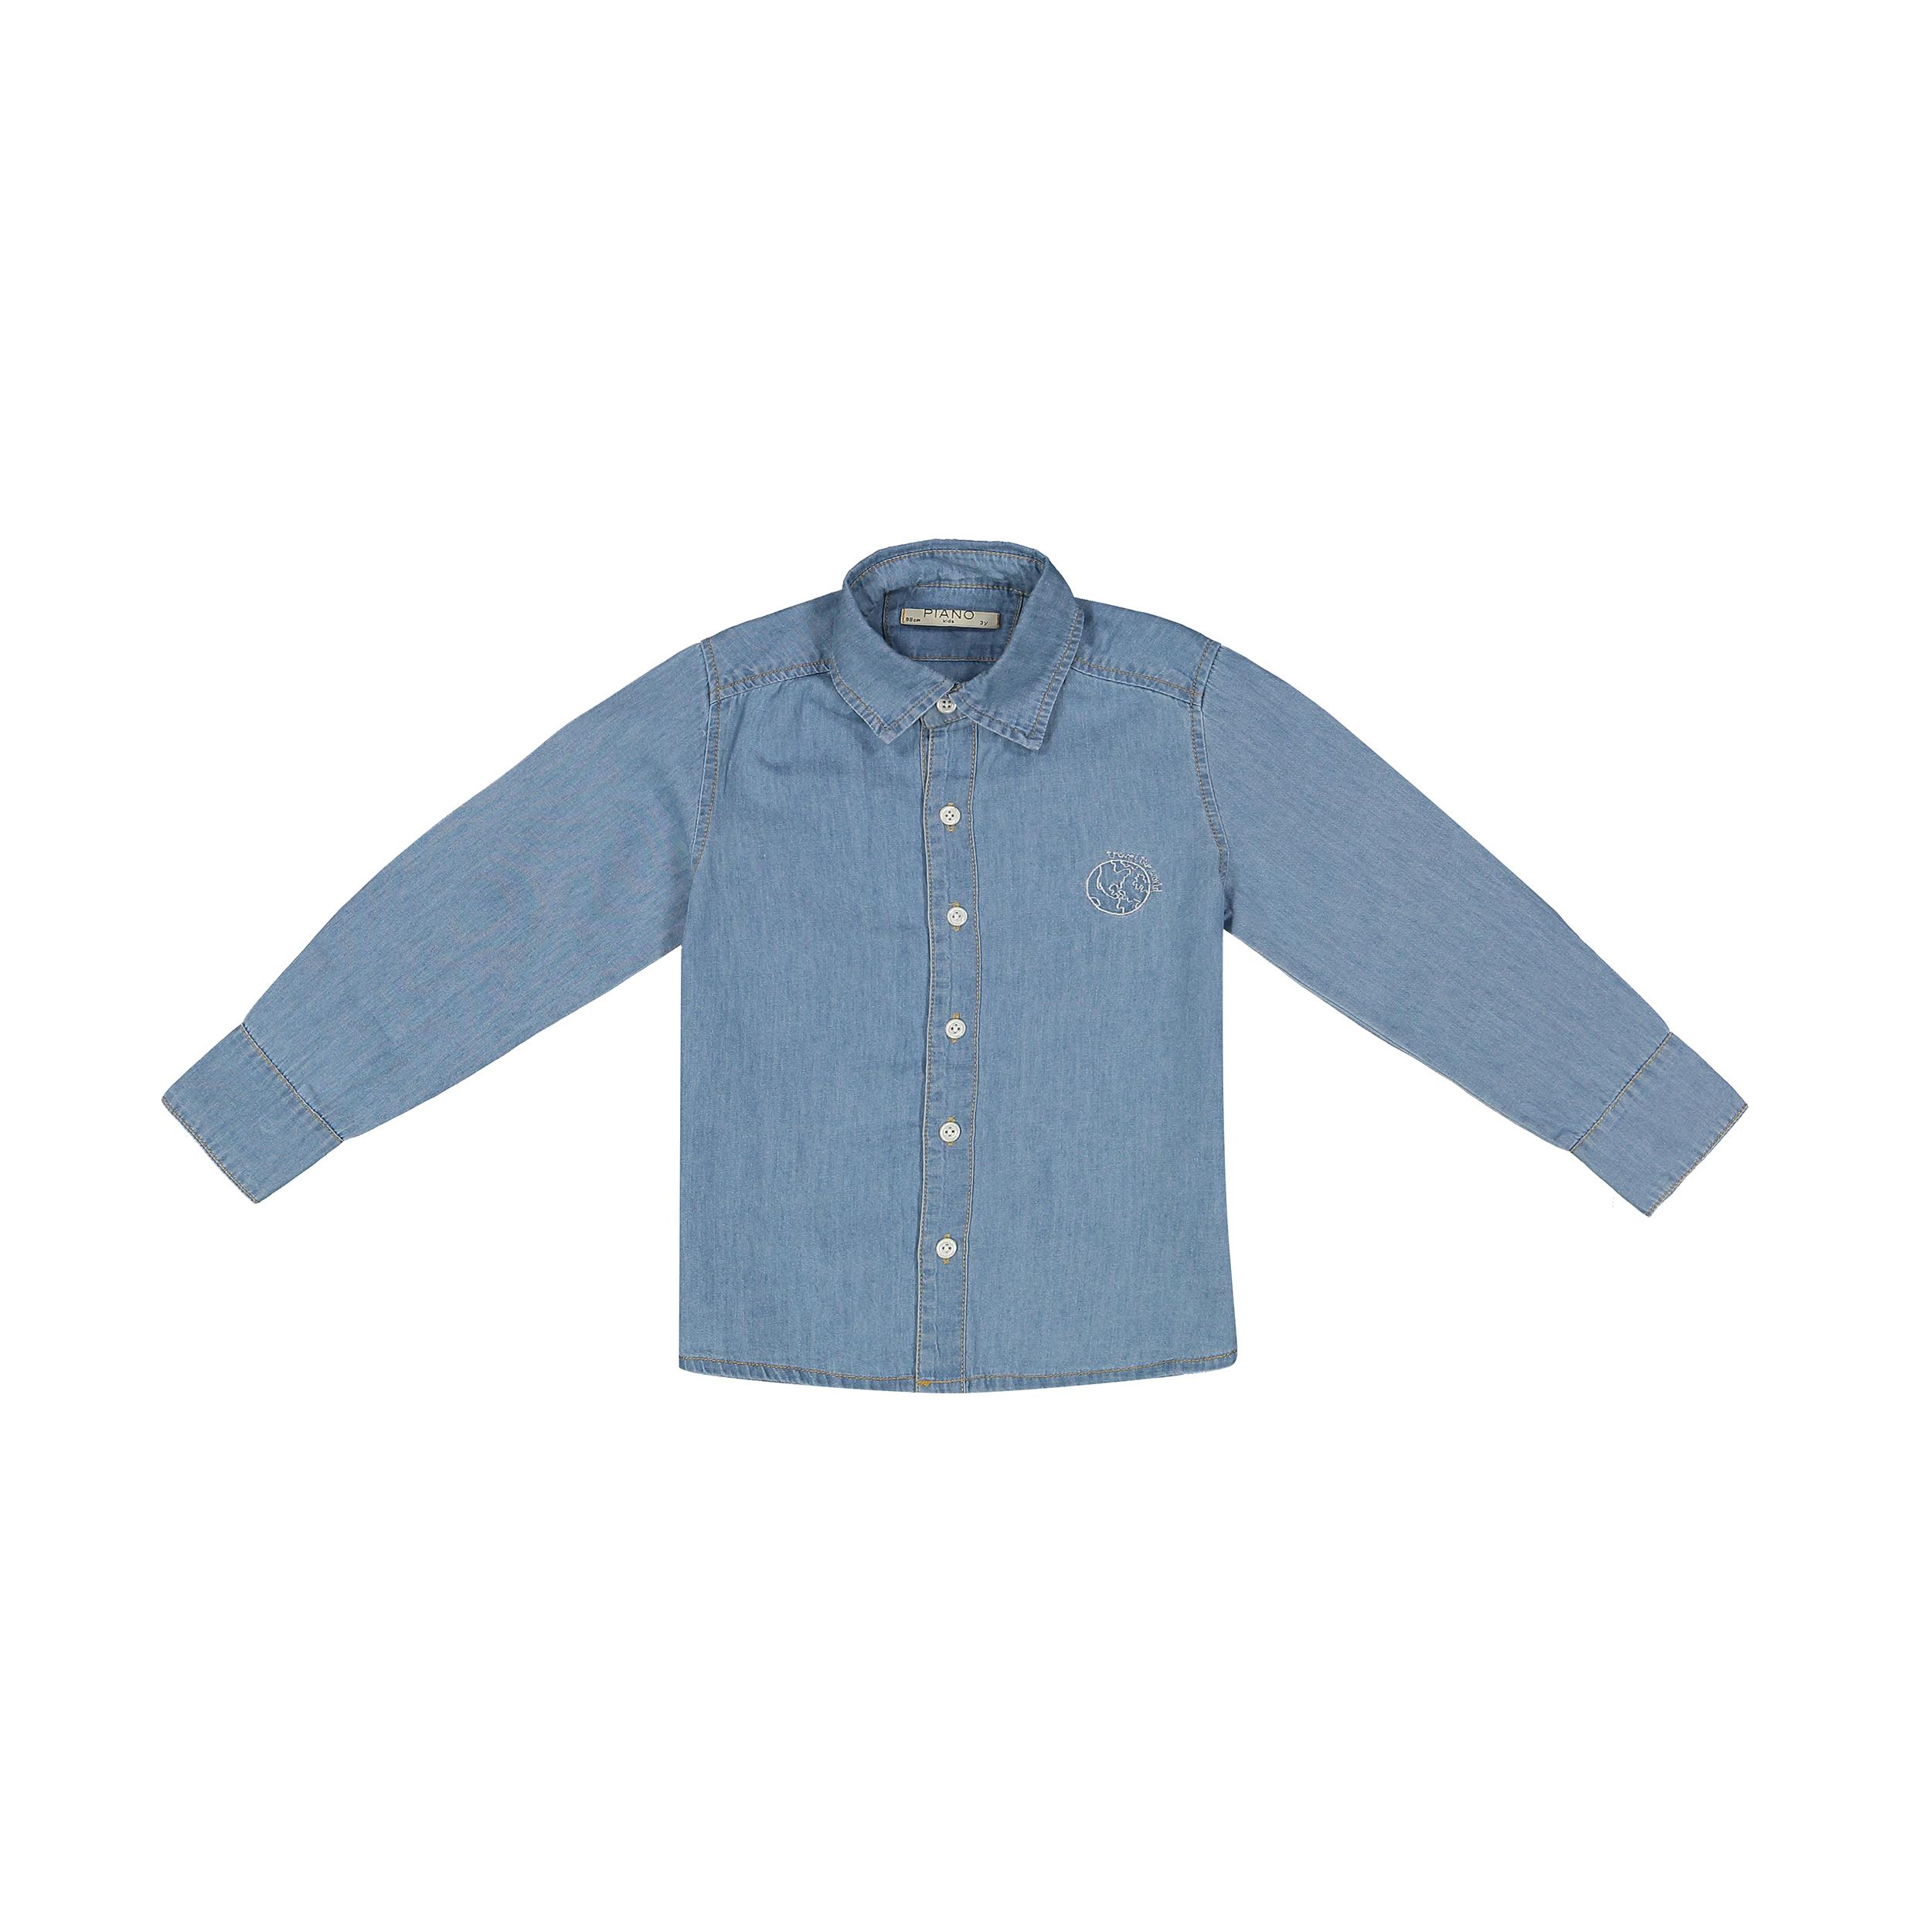 پیراهن پسرانه پیانو مدل 01172-58